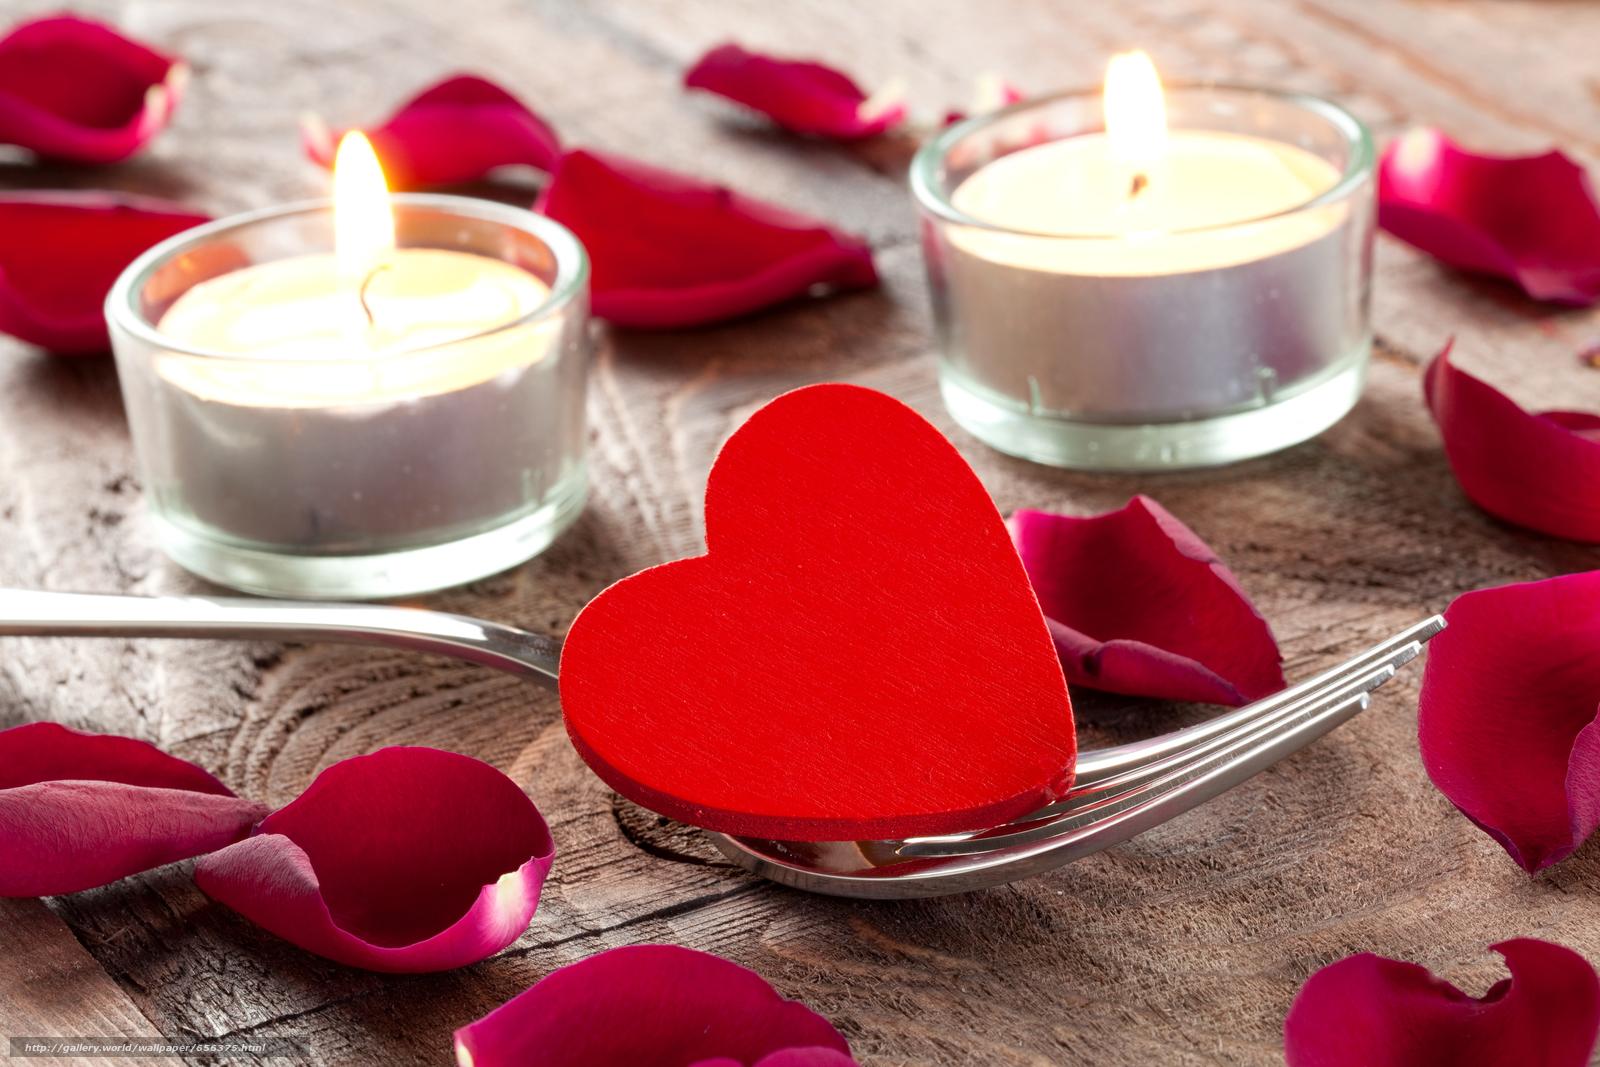 Скачать обои обои от Kisenok,  день святого валентина,  день всех влюбленных,  праздник бесплатно для рабочего стола в разрешении 5616x3744 — картинка №656375